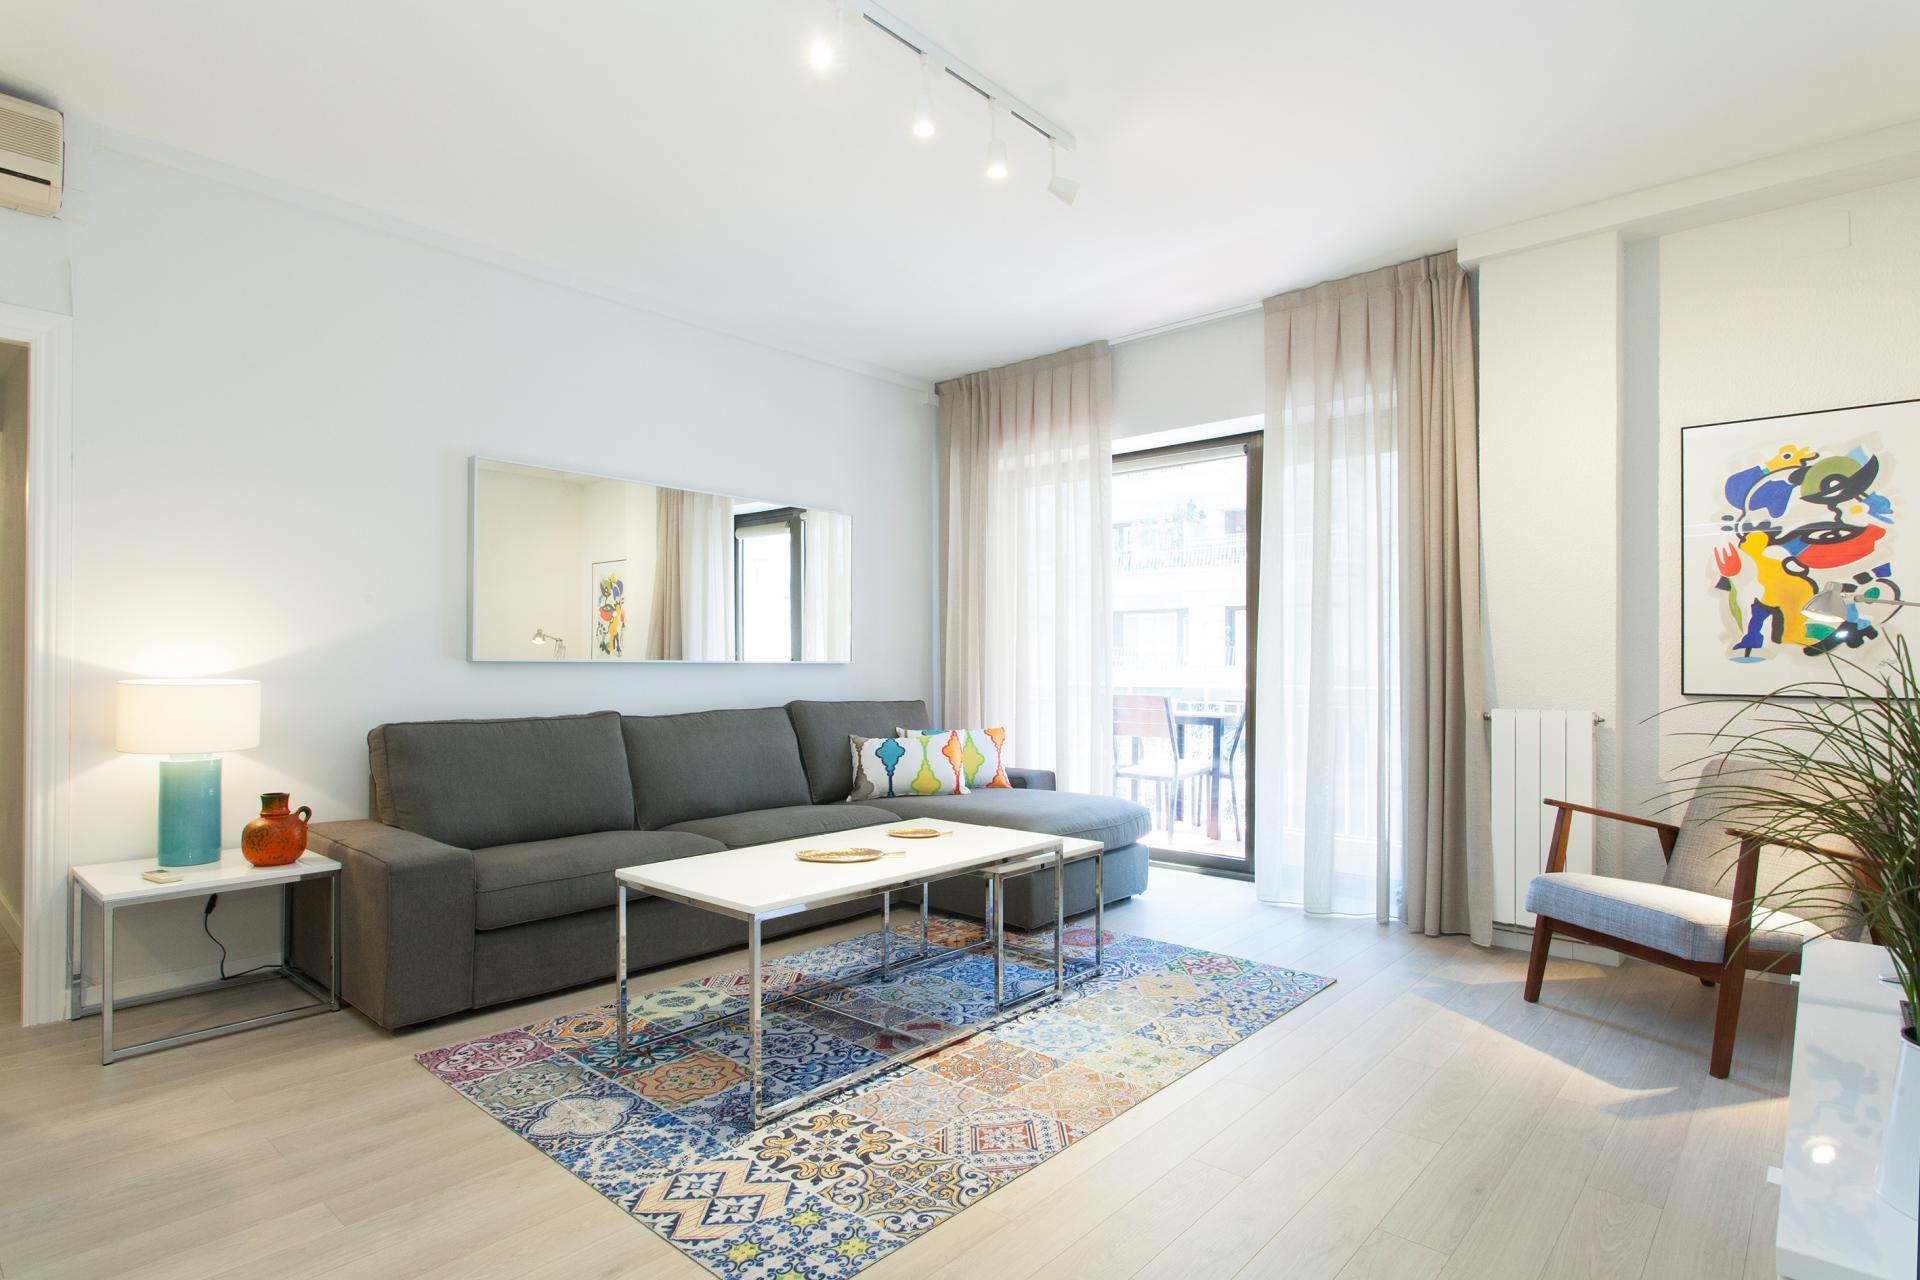 Maravilhoso apartamento de 105m2 em bairro único de Barcelona